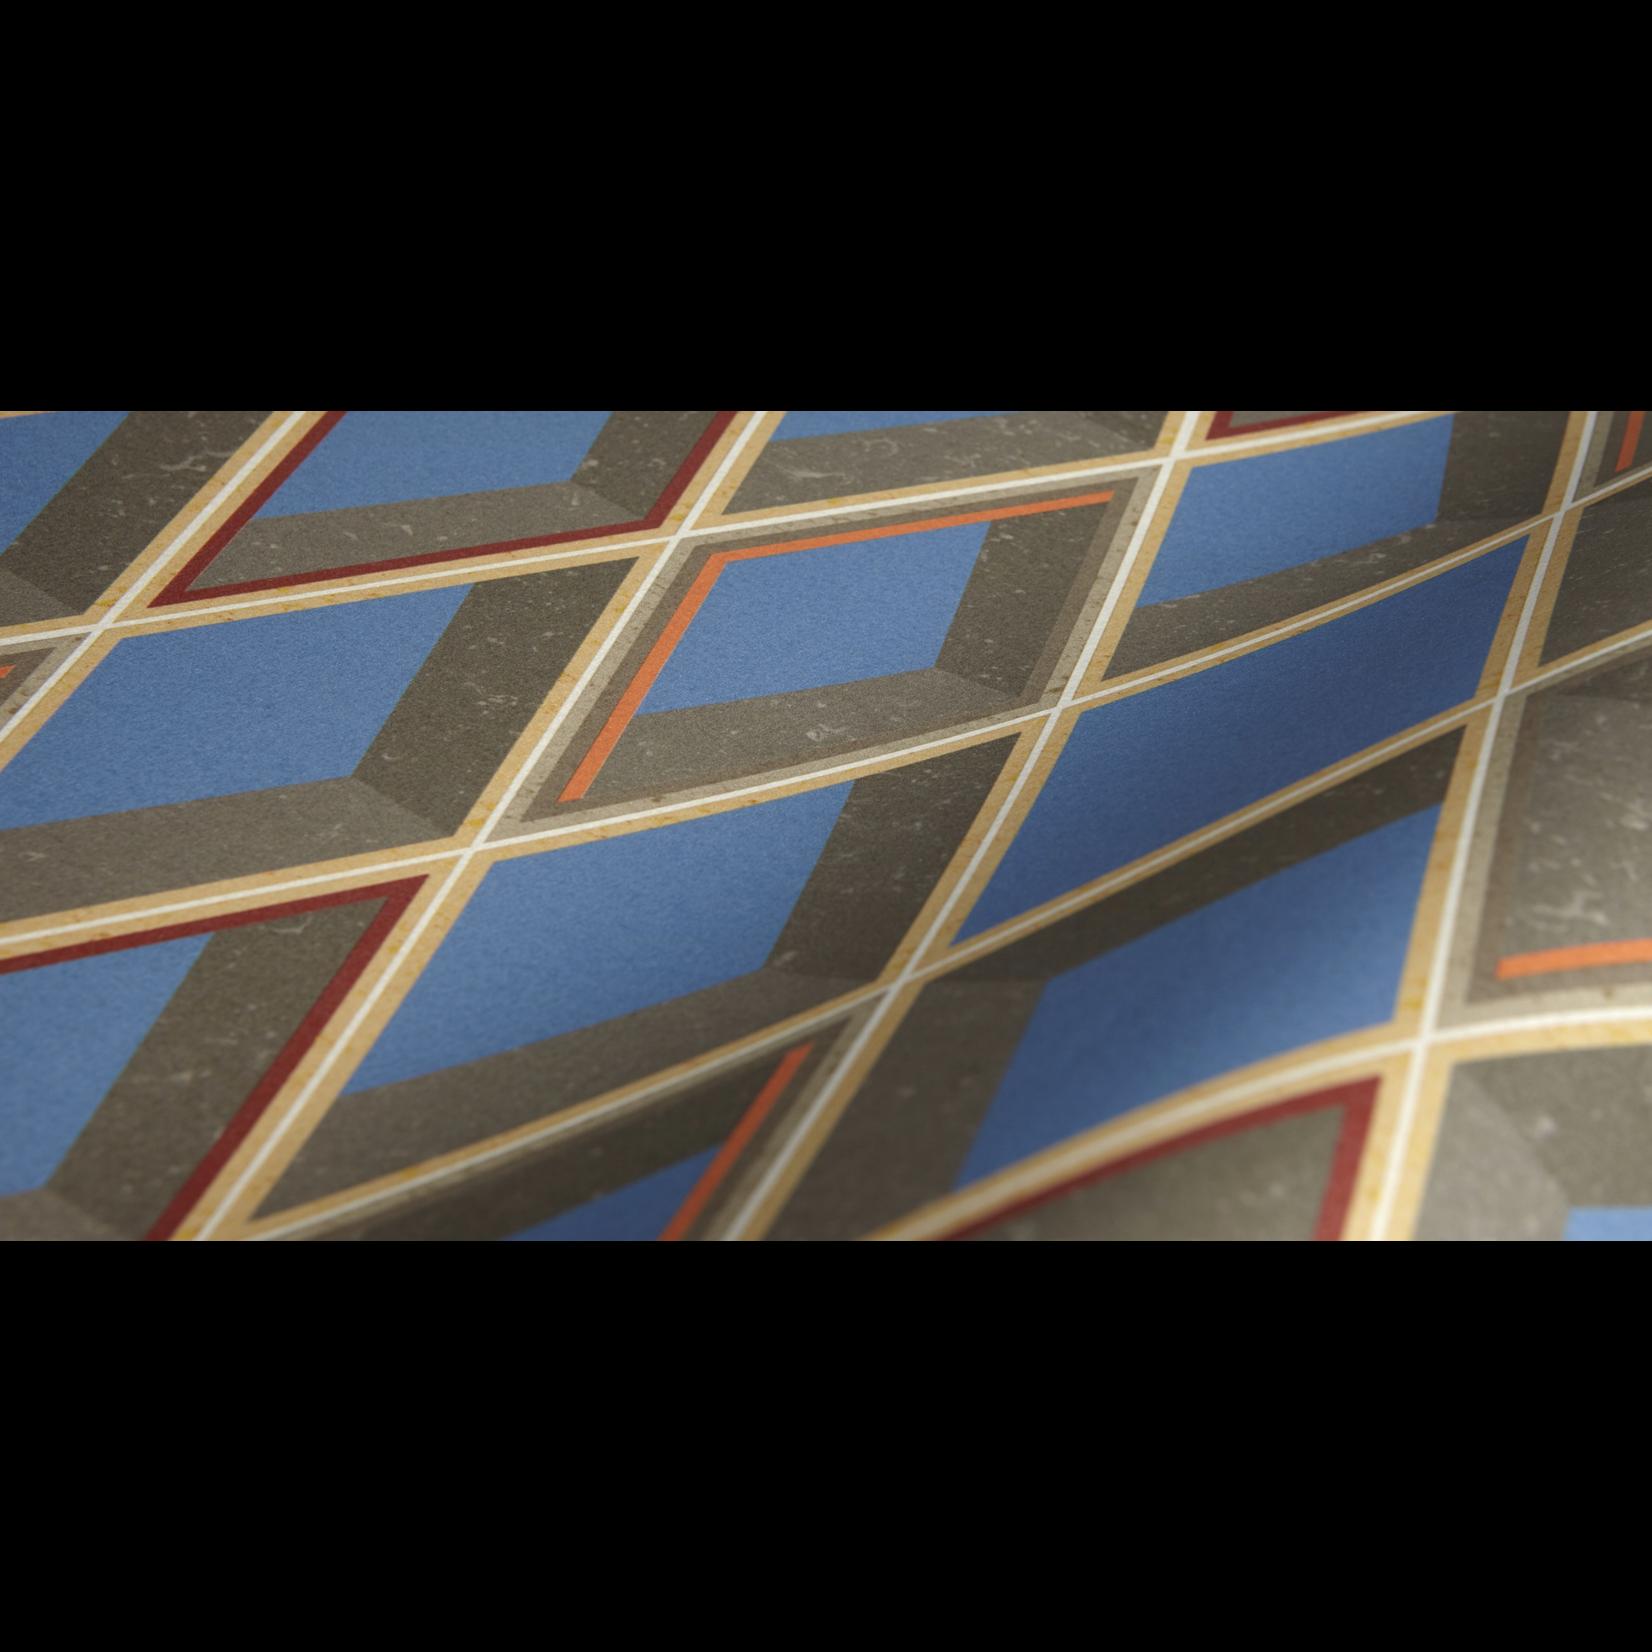 Kit Miles Trompe Loiel | Cuivres et pierre en sourdine